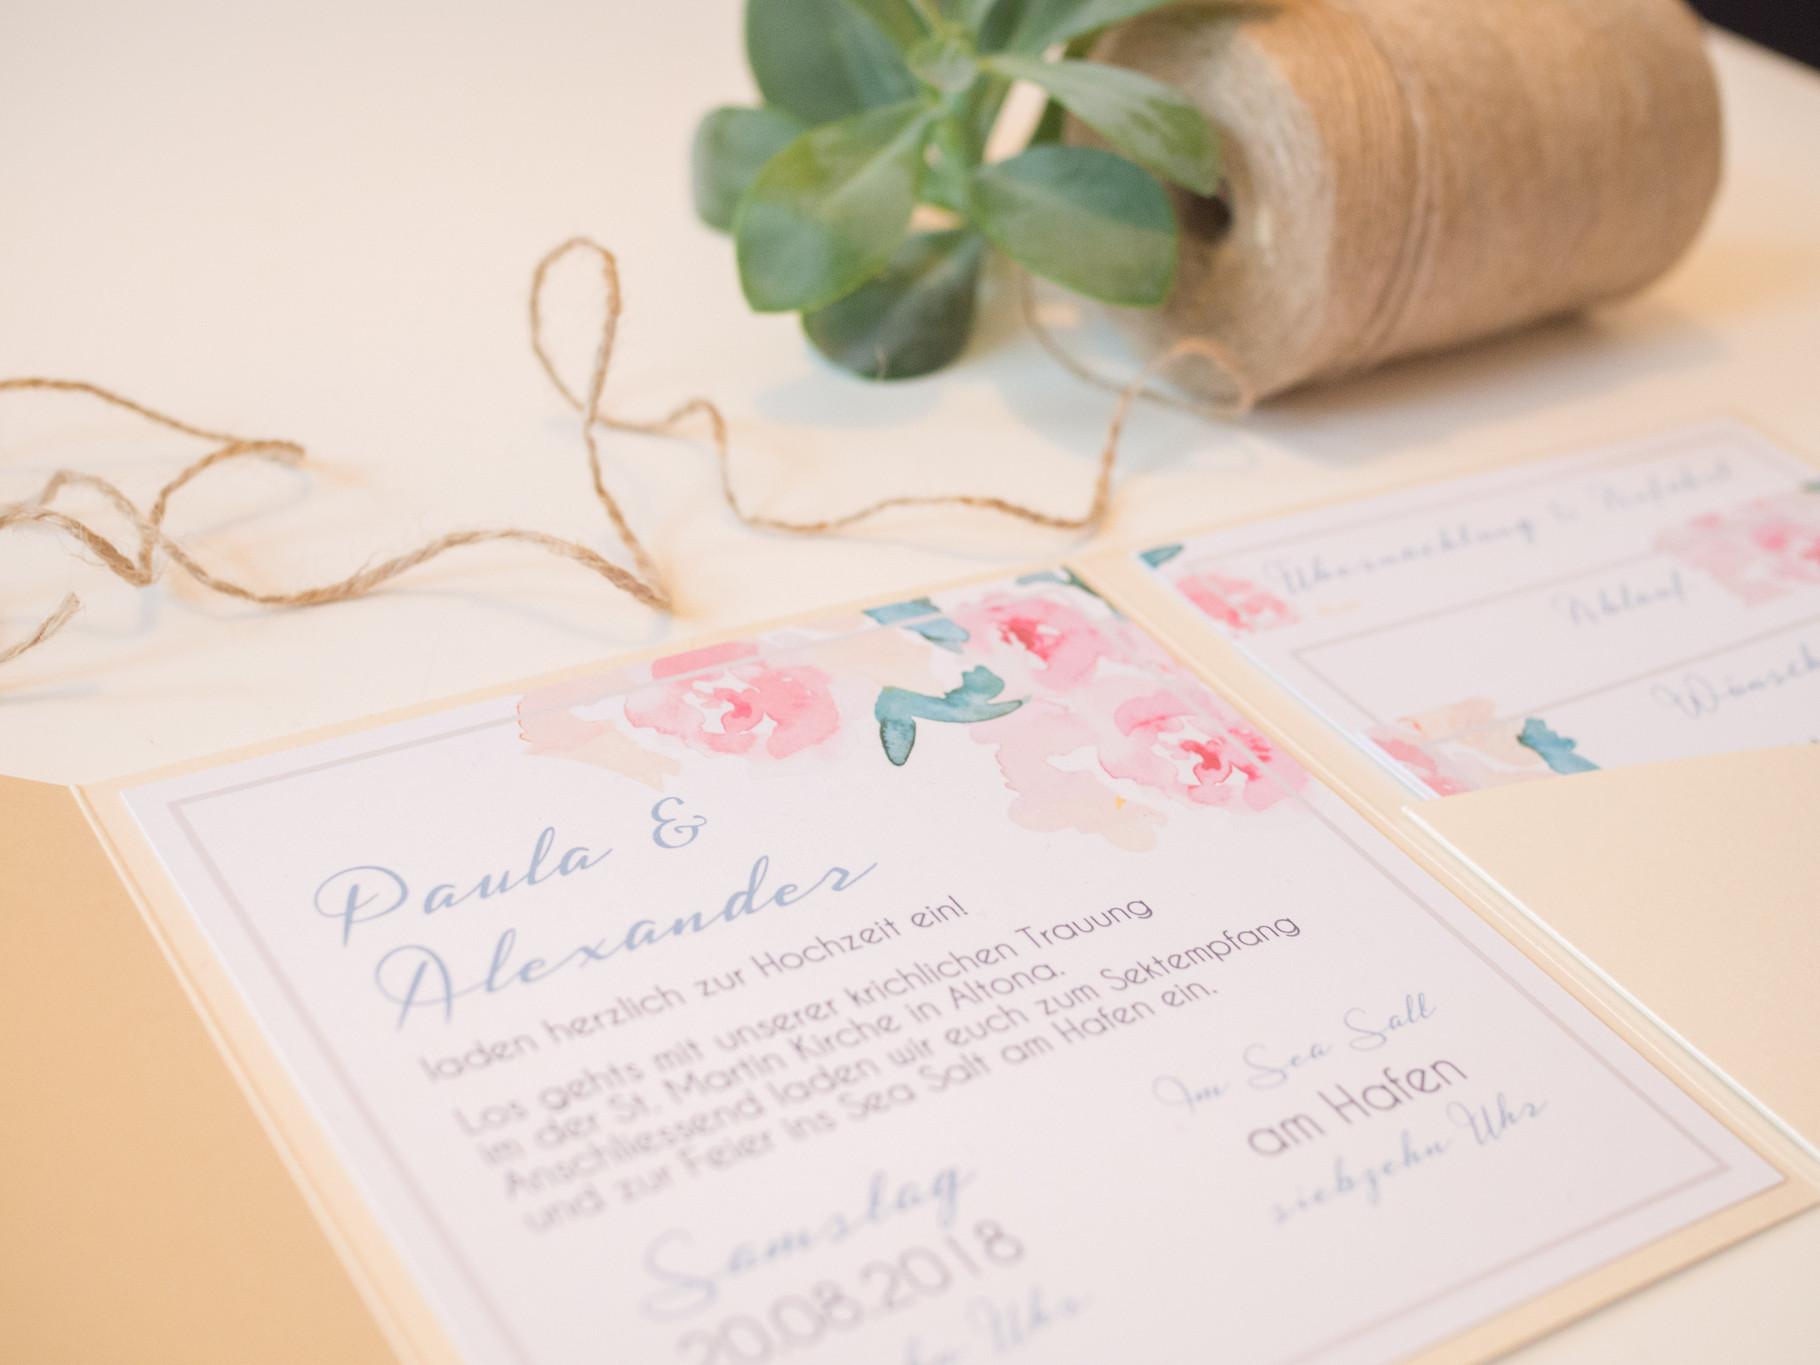 Neue Pocketfold Hochzeitseinladung bald online Juhu Papeterie